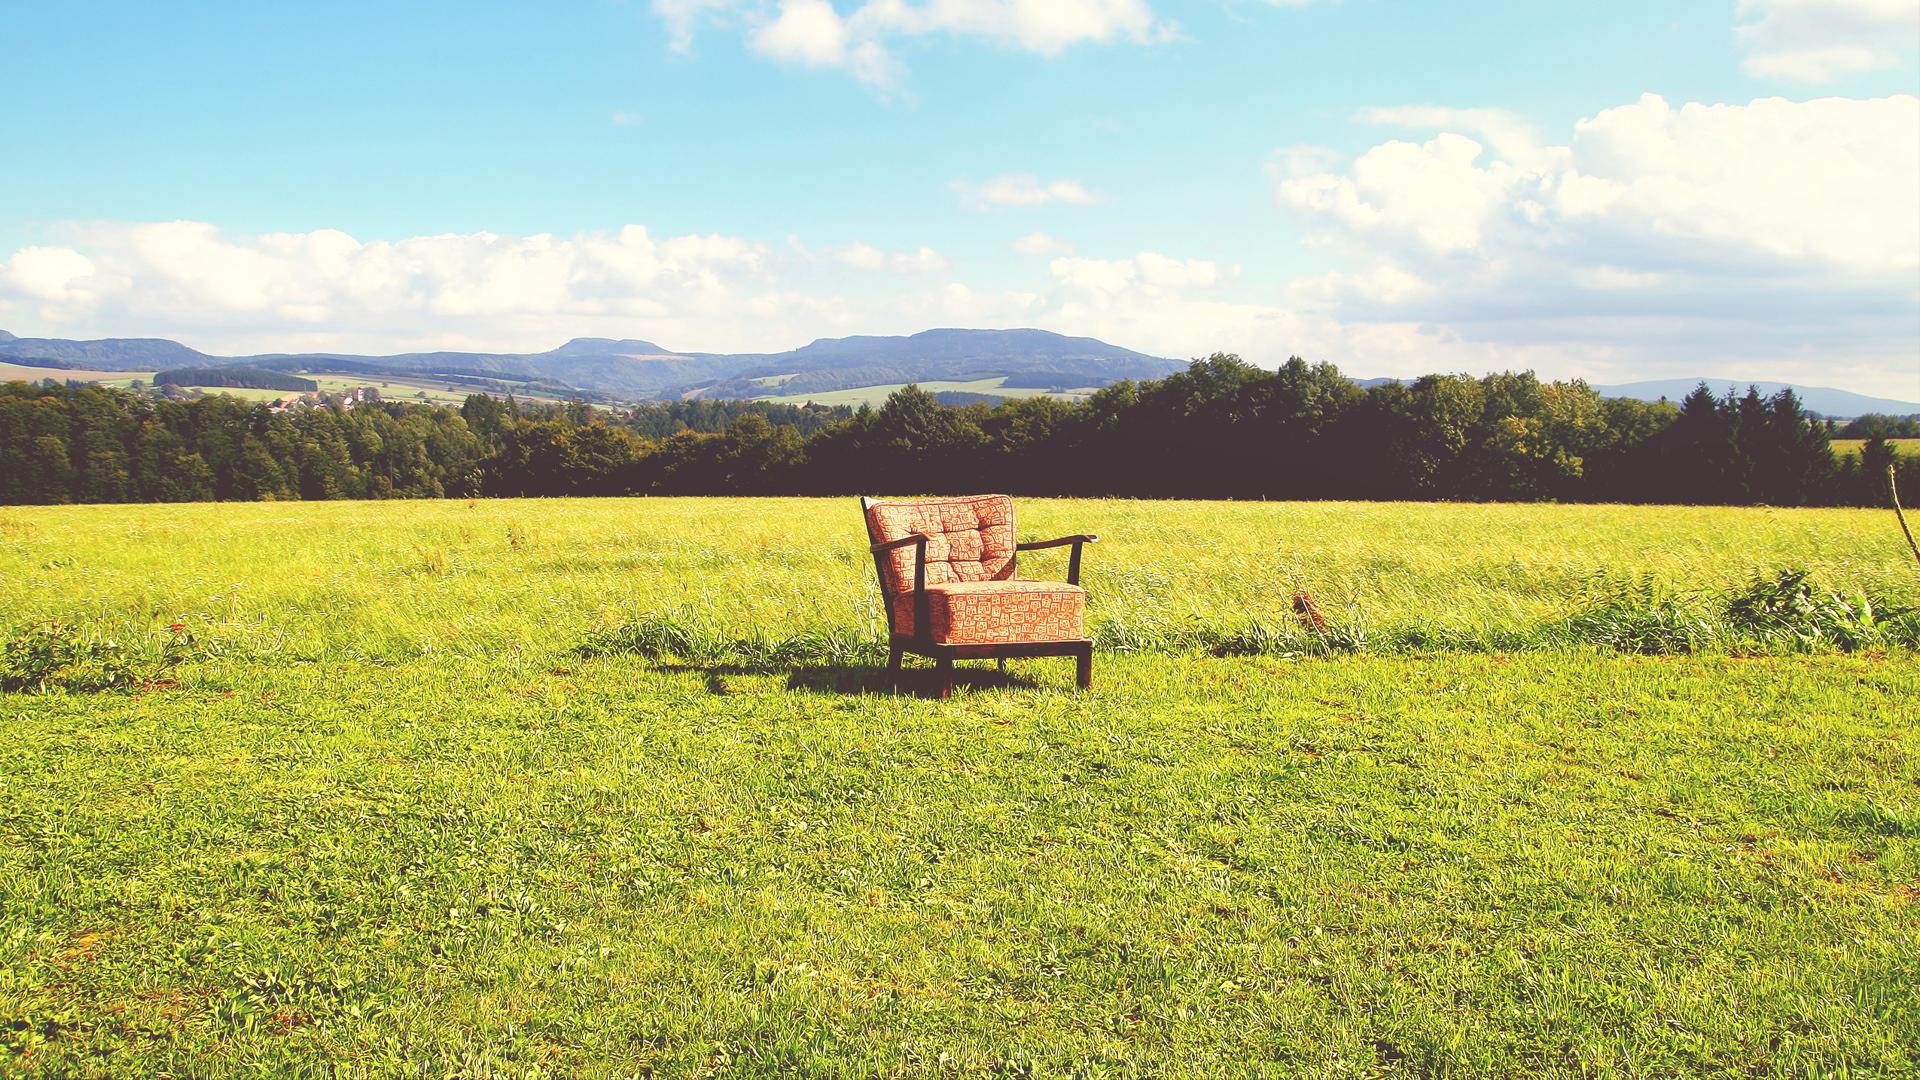 美图共赏:自然风光摄影,张张可做桌面 - 闲云野鹤 - 闲云野鹤的博客